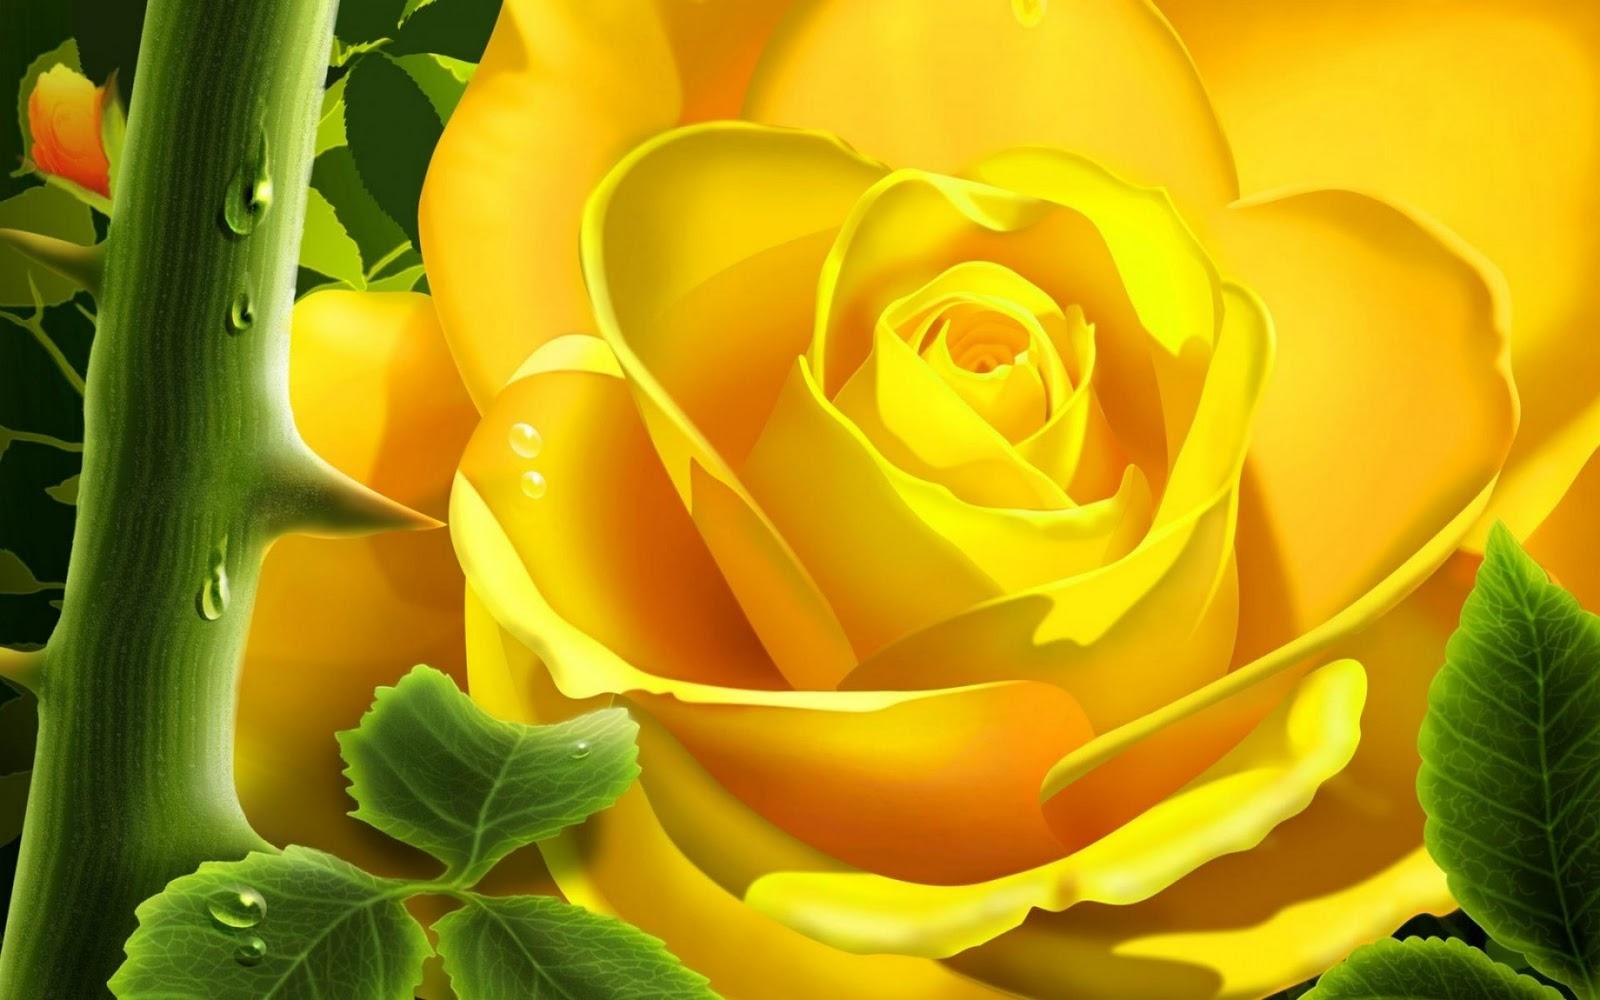 http://1.bp.blogspot.com/--9UtqB8Qaaw/TpK6UqYlAWI/AAAAAAAAA9Y/sKeNibCyw9k/s1600/yellow.jpg